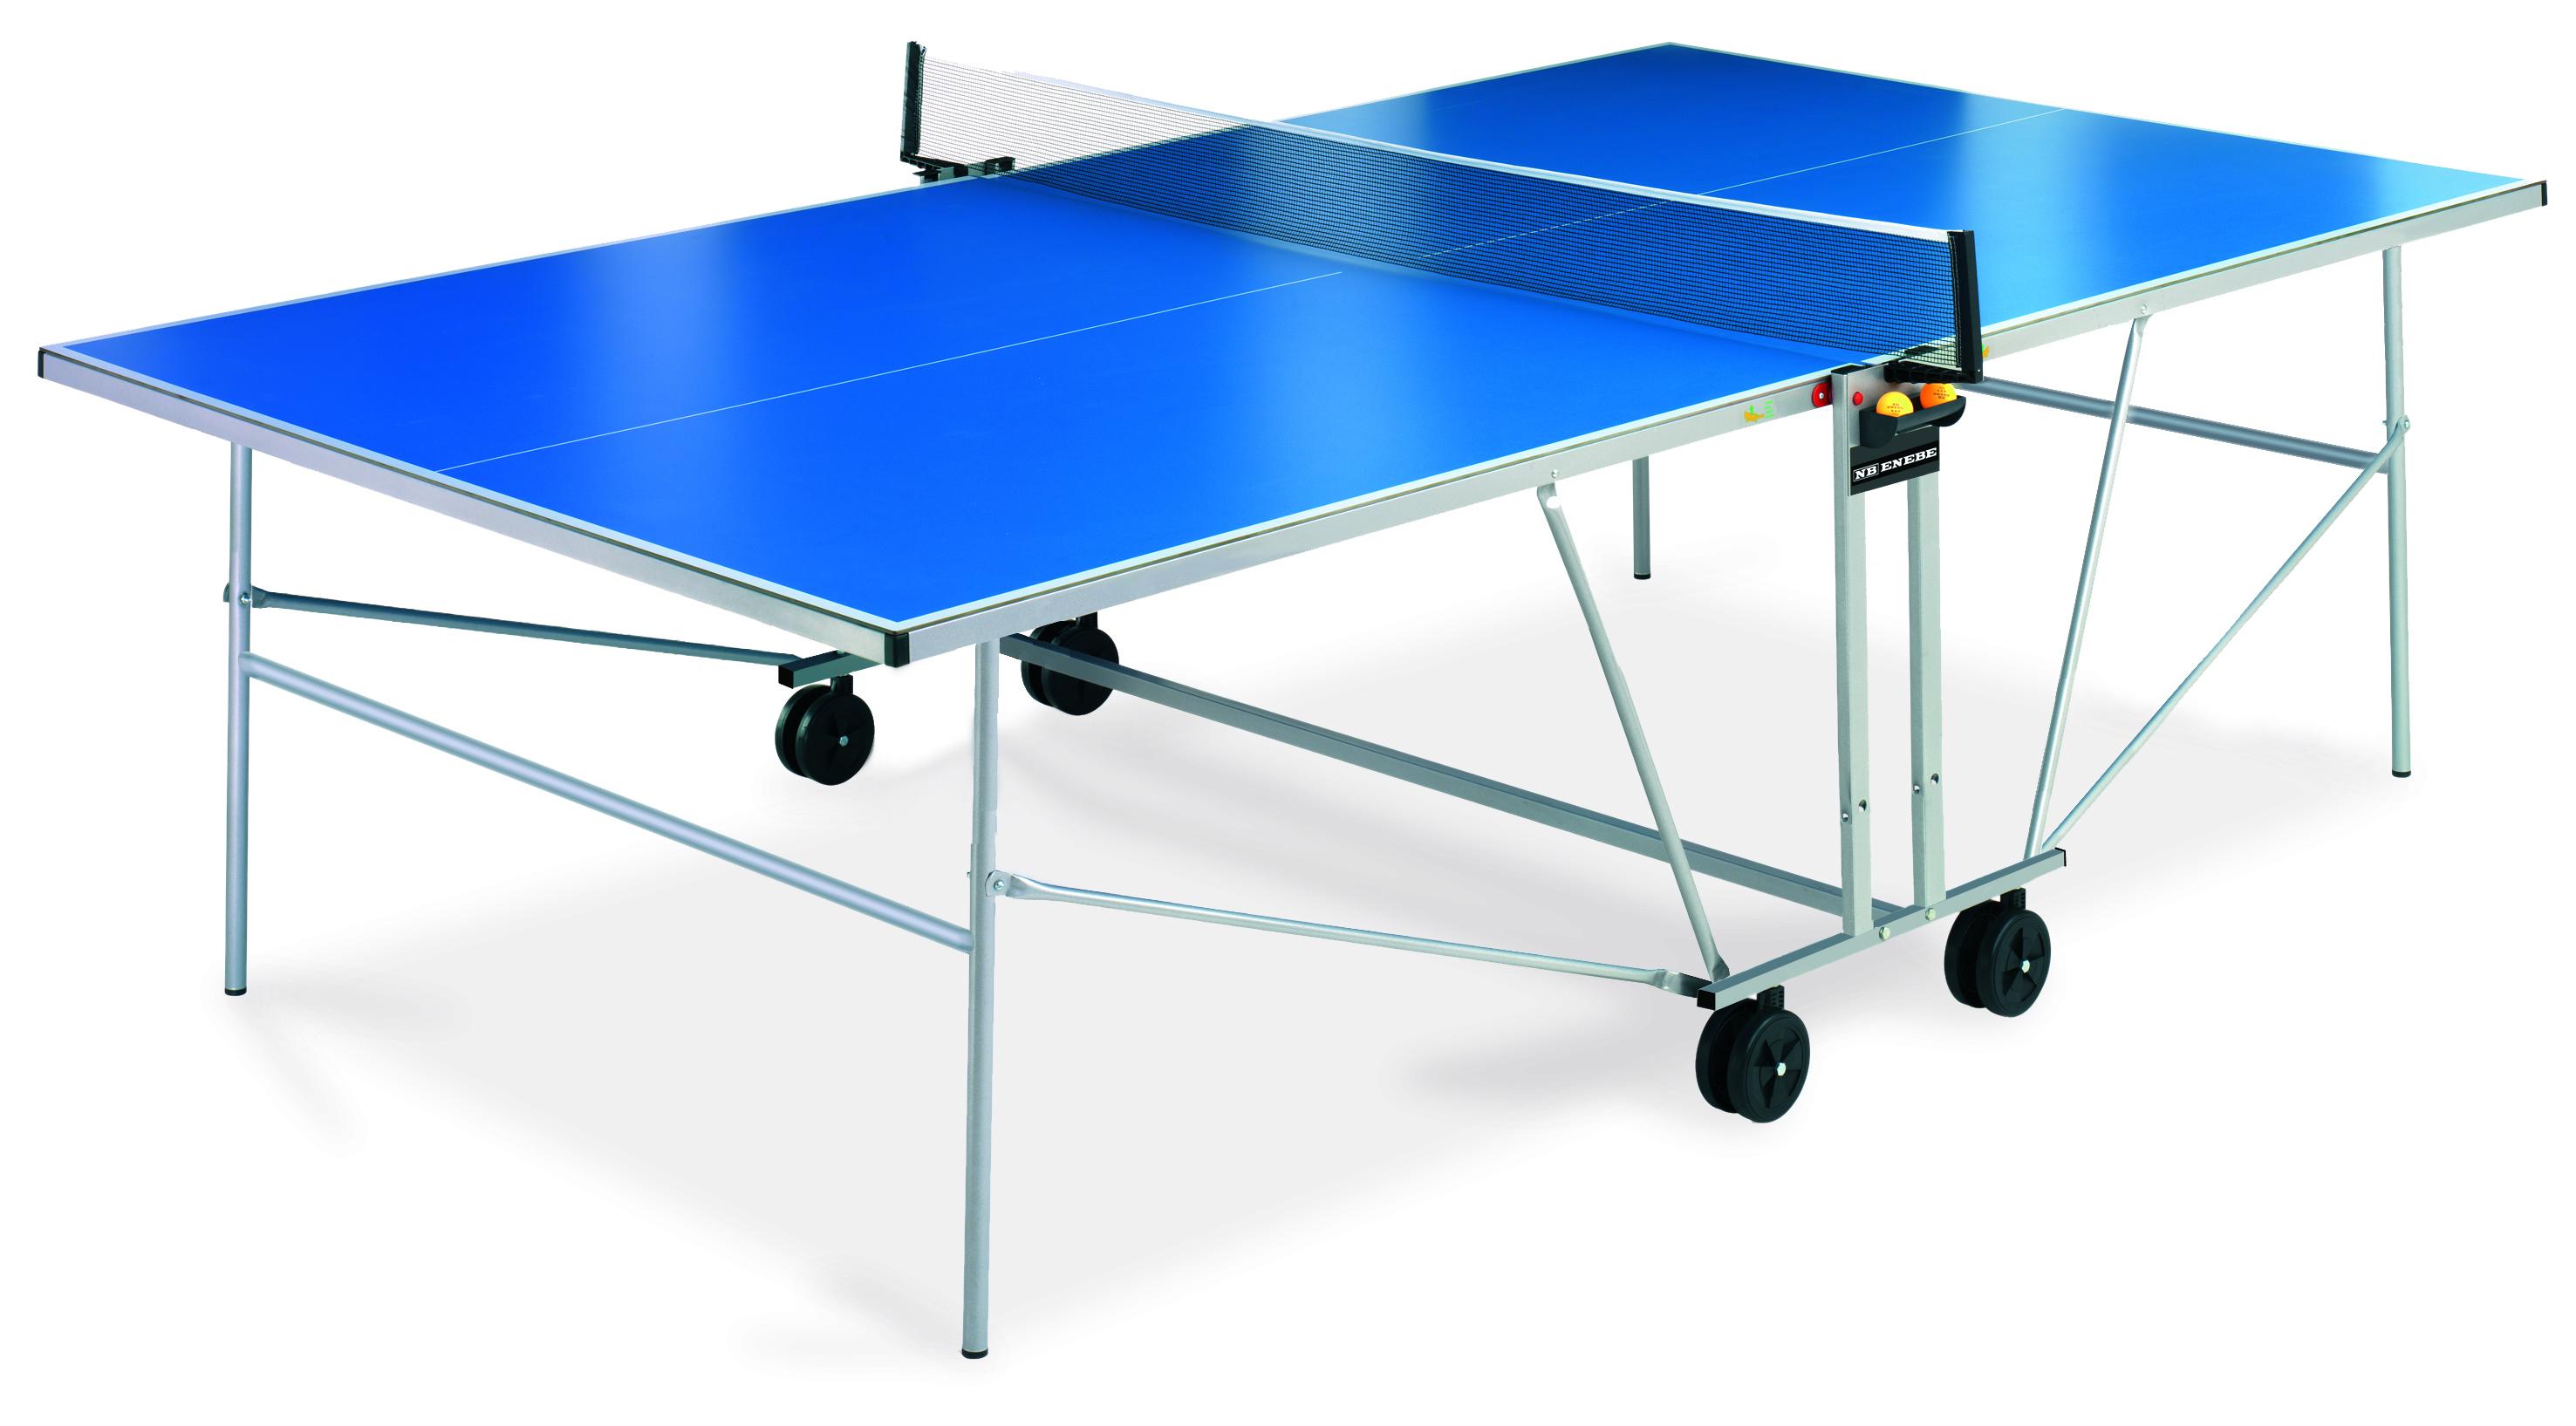 Diagramma Image : Misure Standard Tavolo Da Ping Pong